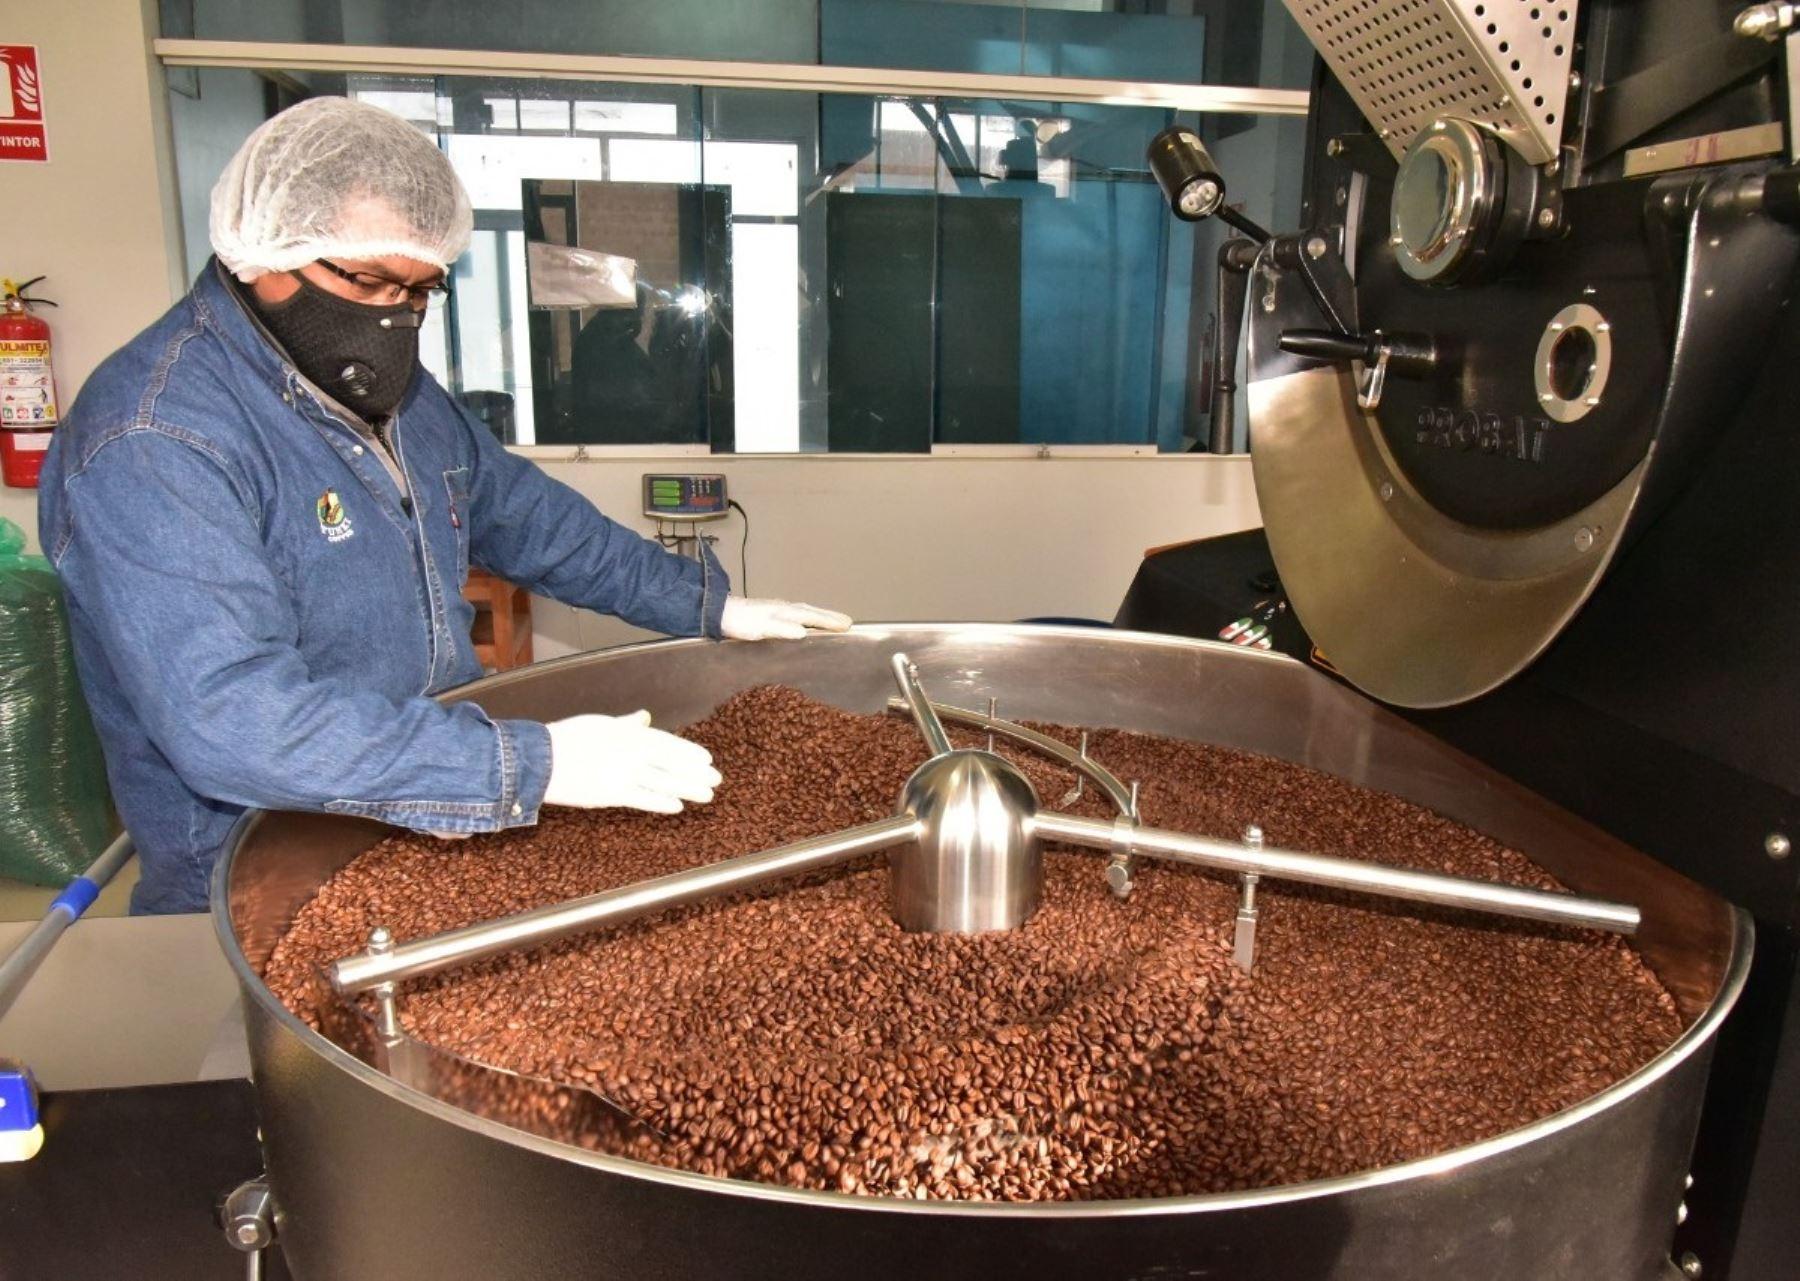 El café orgánico que se produce en la selva de Puno se posiciona en Europa, Asia y EE UU y existe una mayor demanda de este producto que beneficia a los caficultores puneños. ANDINA/Difusión